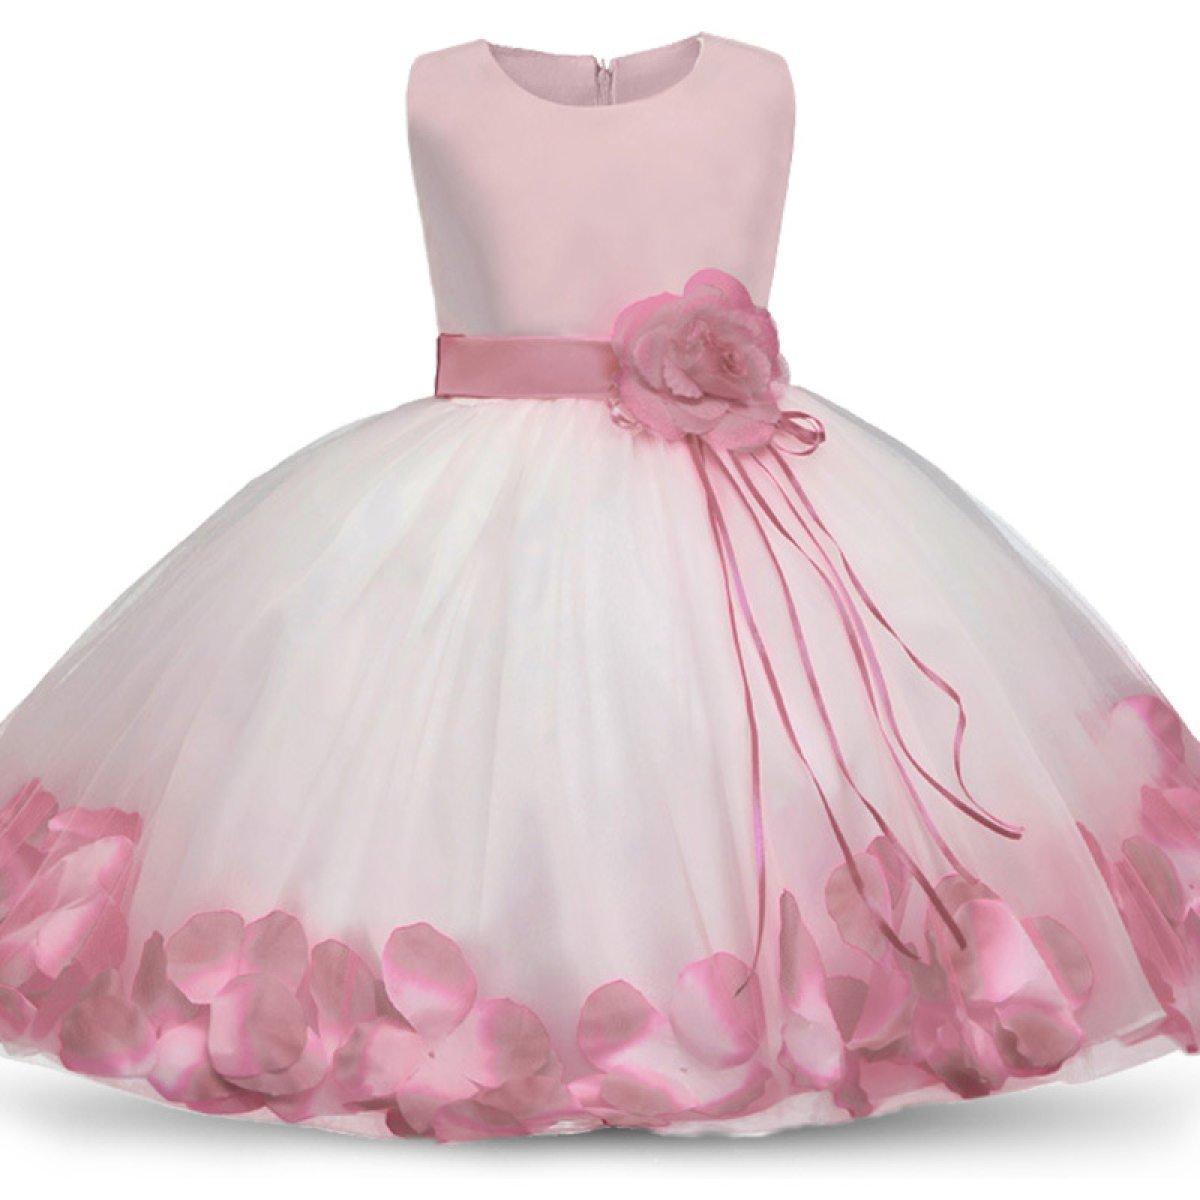 Mode Enfants Filles Bowknot Princesse Robe Kid Party Pageant De Mariage Demoiselle D'honneur Tutu Robes D'été Robe,G-130